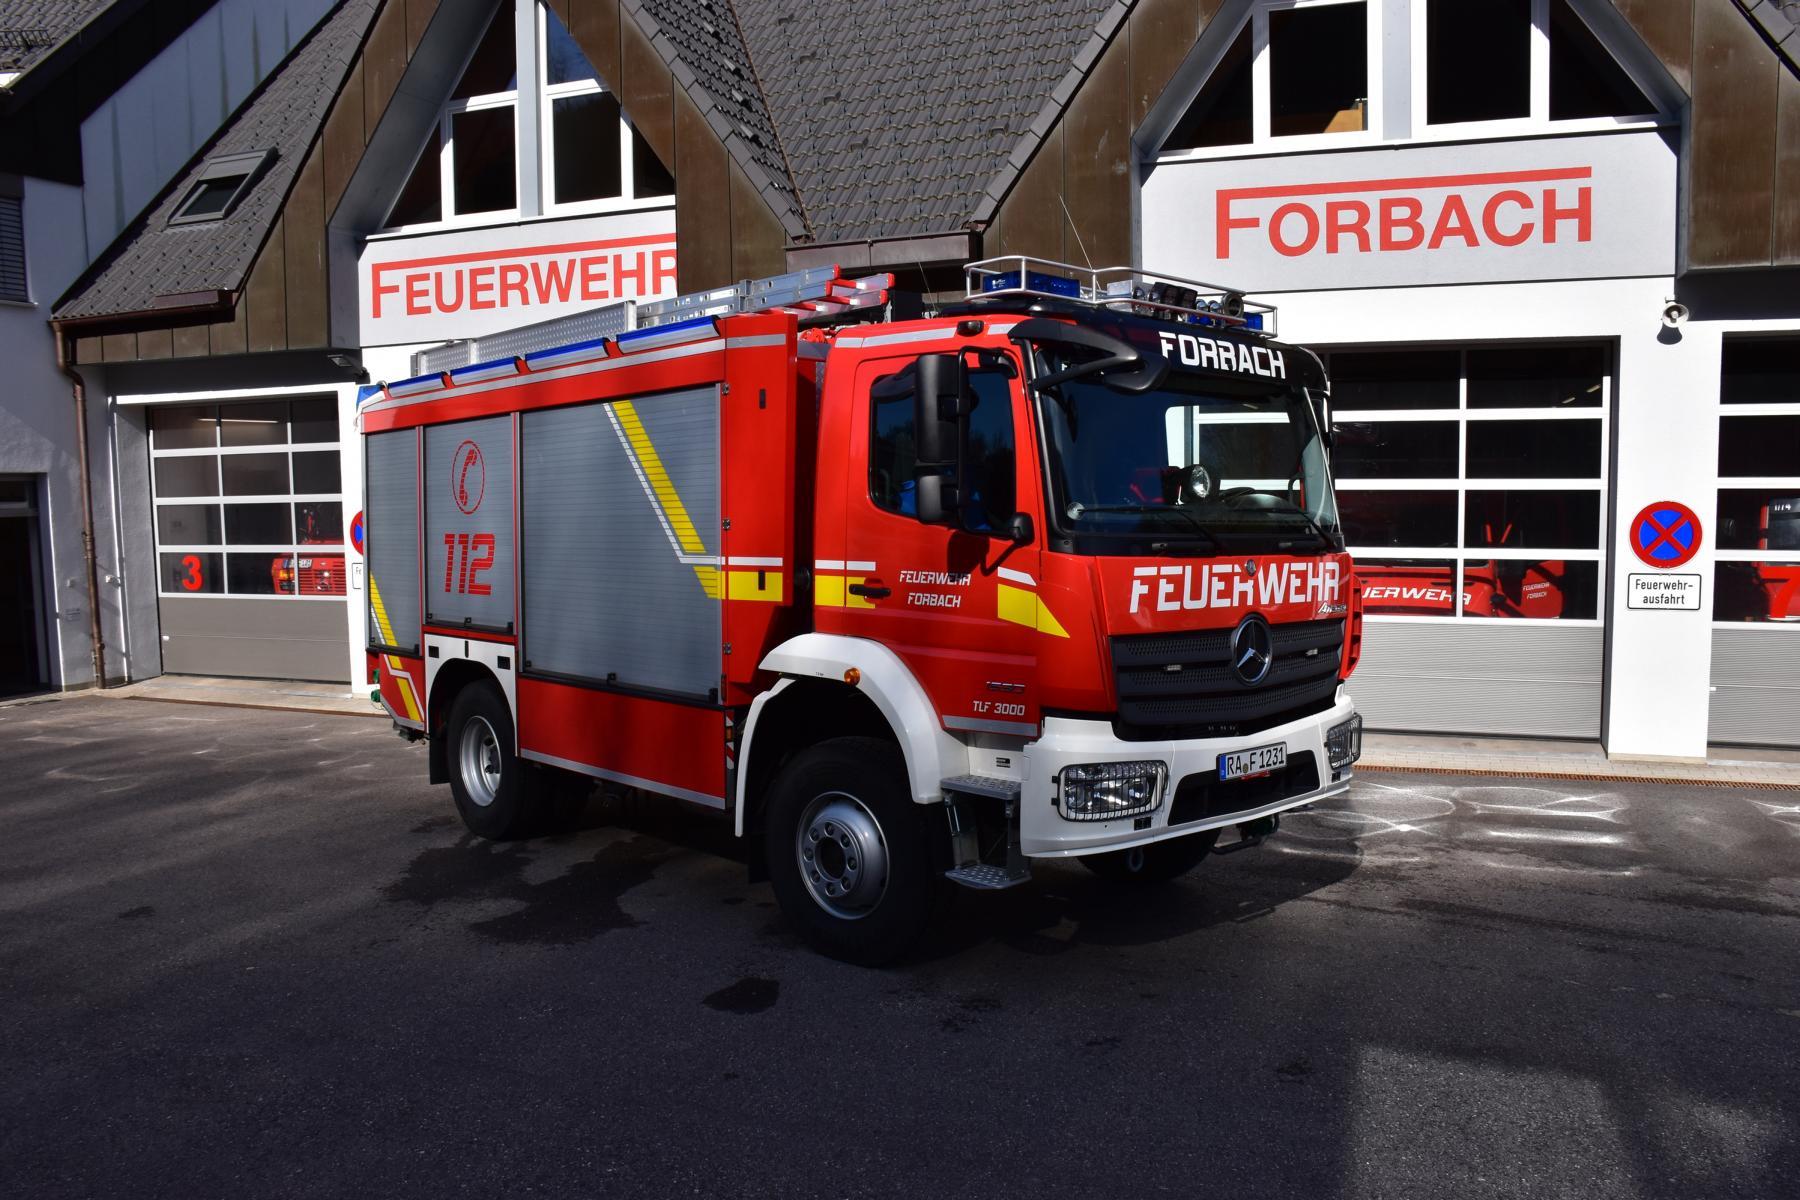 Florian Forbach 1/23